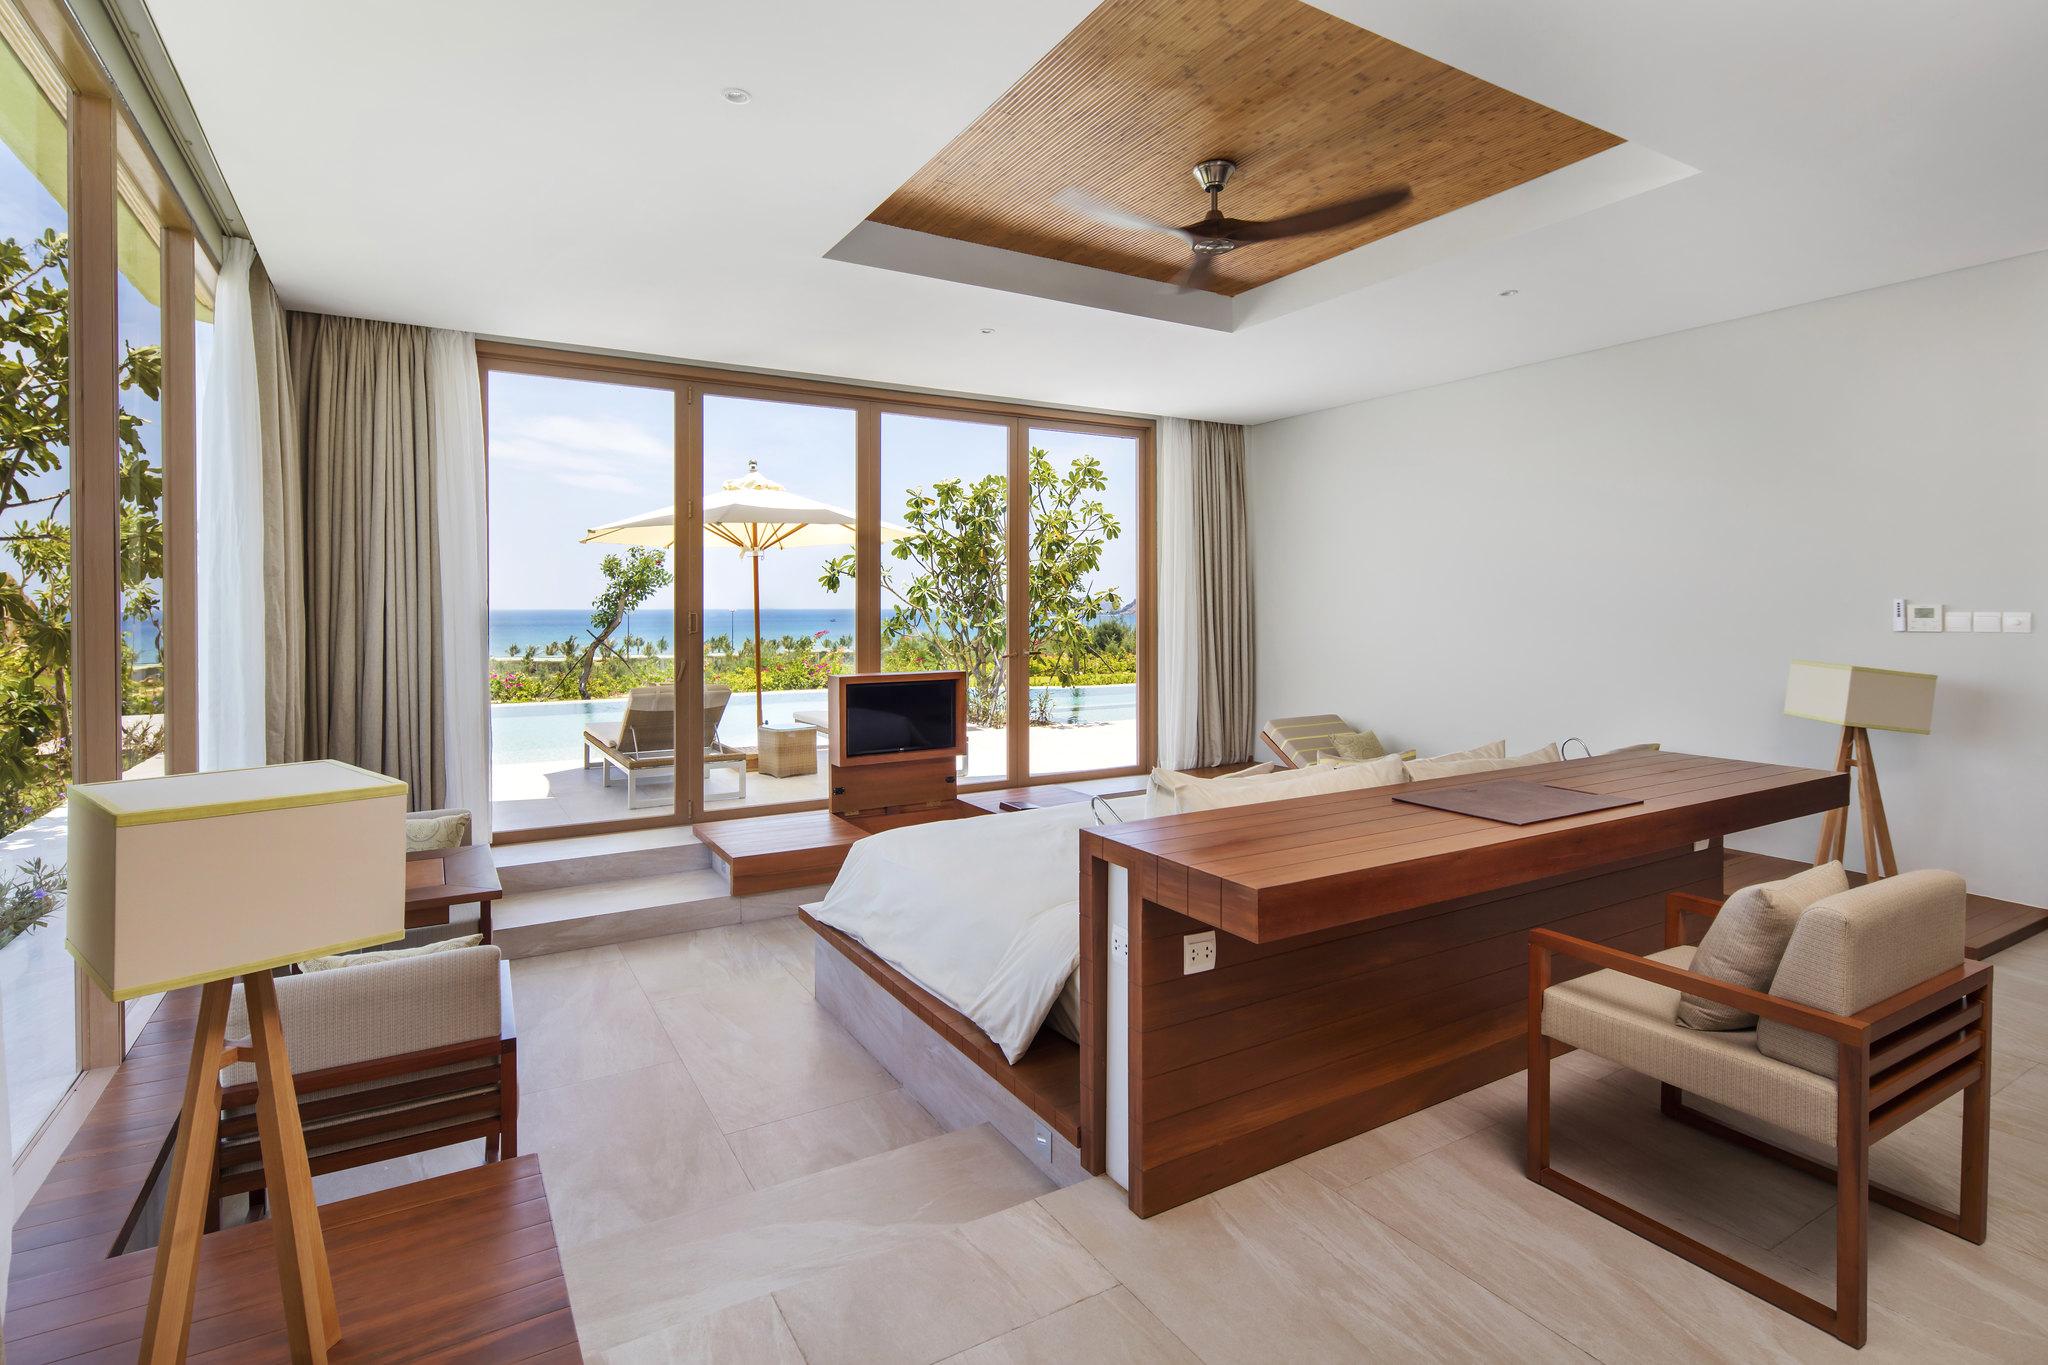 Giải mã sức hút của khu nghỉ dưỡng biển hàng đầu Việt Nam  - Ảnh 4